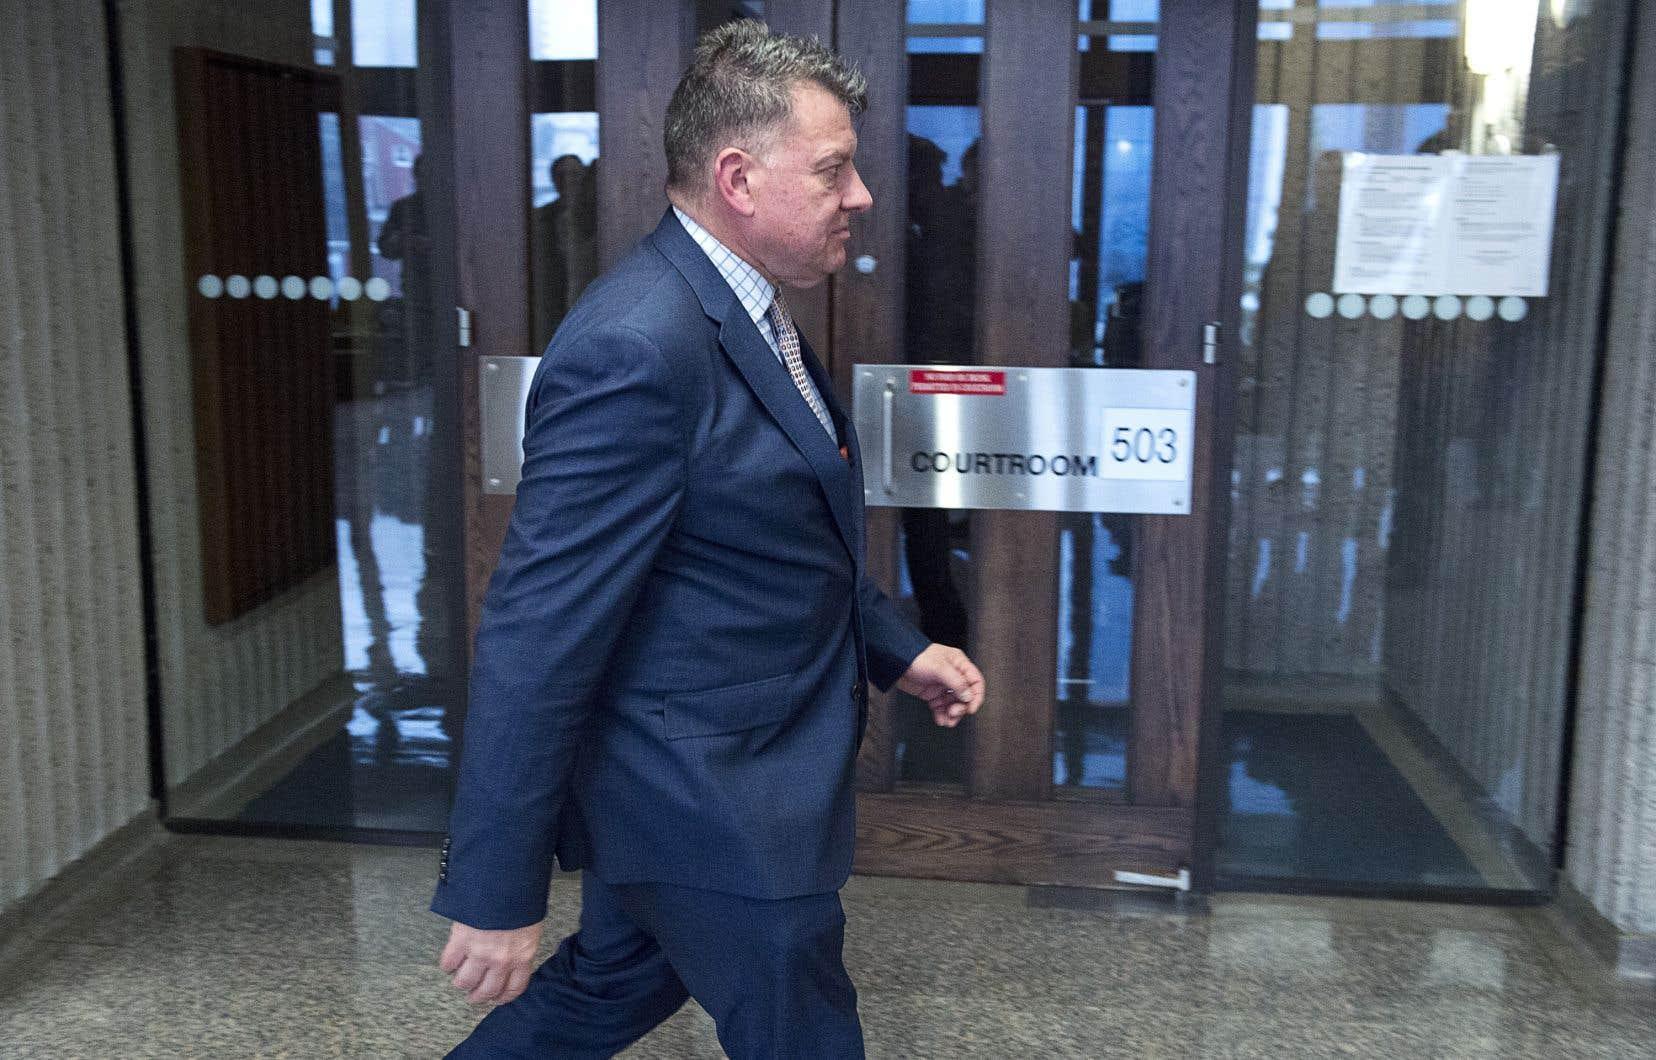 L'avocat de Quadriga, Me Maurice Chiasson, a demandé mardi un délai de 30 jours à un juge de Halifax pour lui permettre de récupérer quelque 250 millions de dollars qui appartiennent à ses clients.